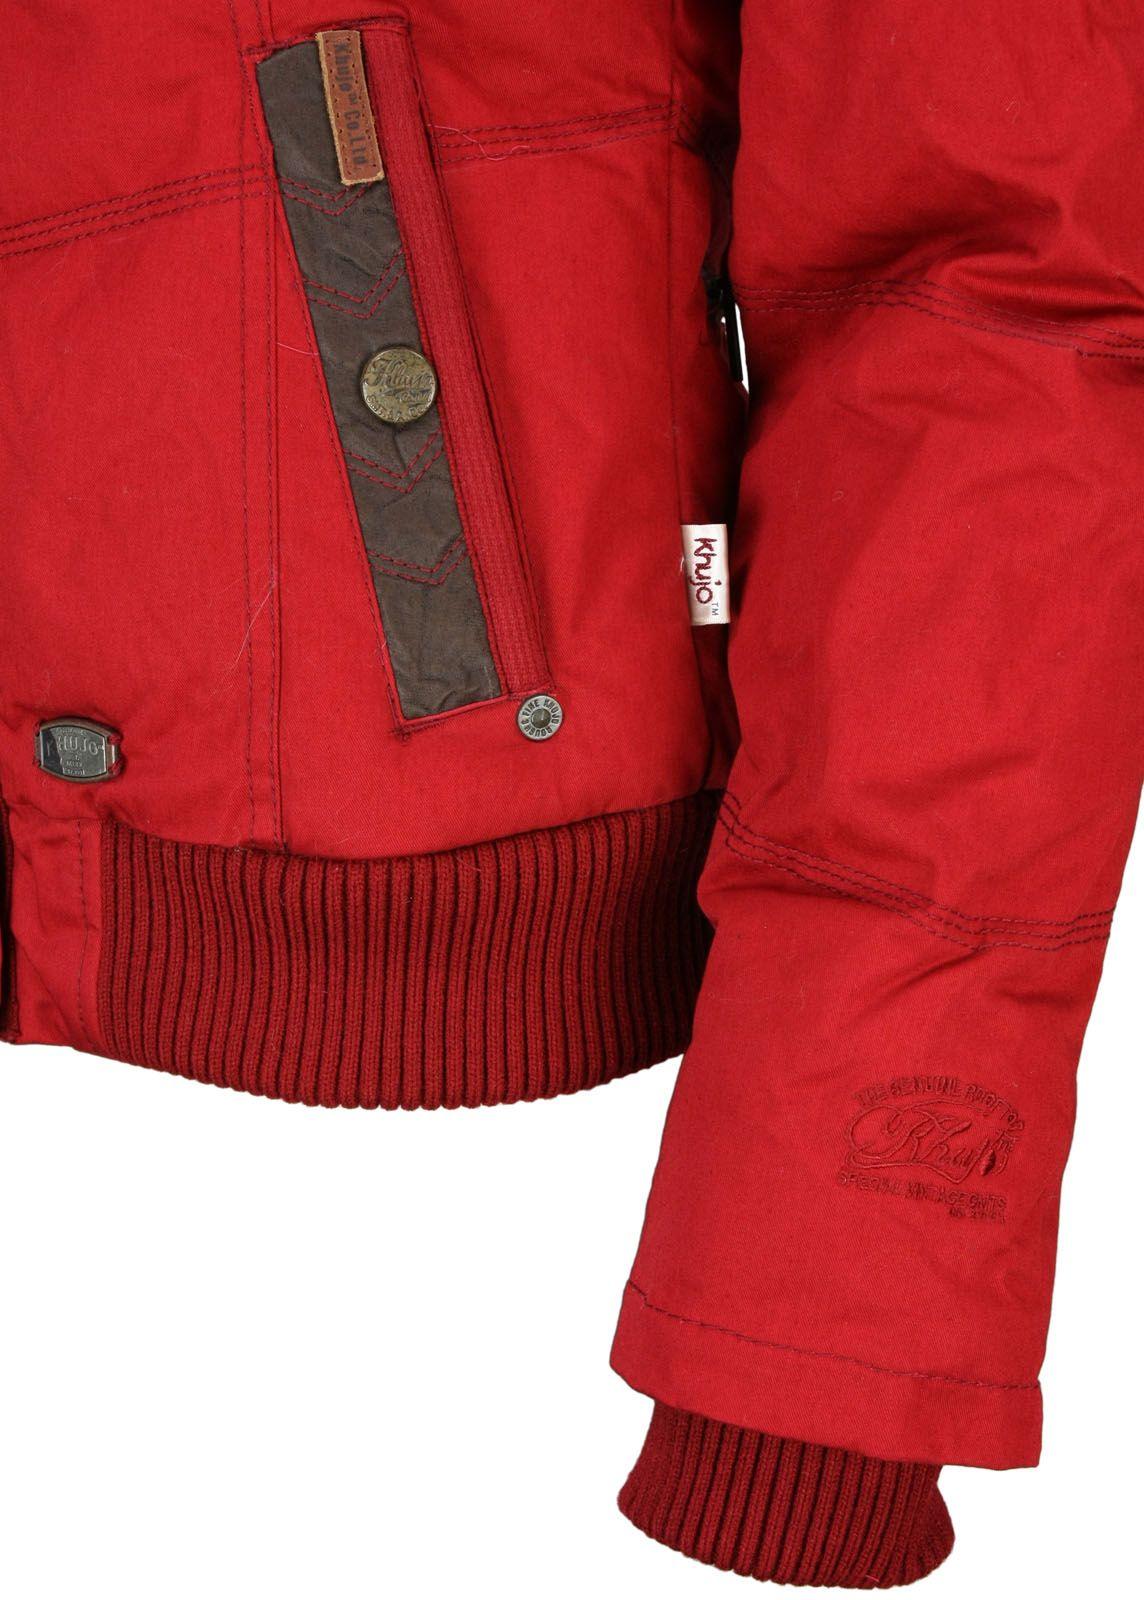 Winterjacke Berlin Fettebeute Rot Plain Khujo Online Shop MzUqSVp